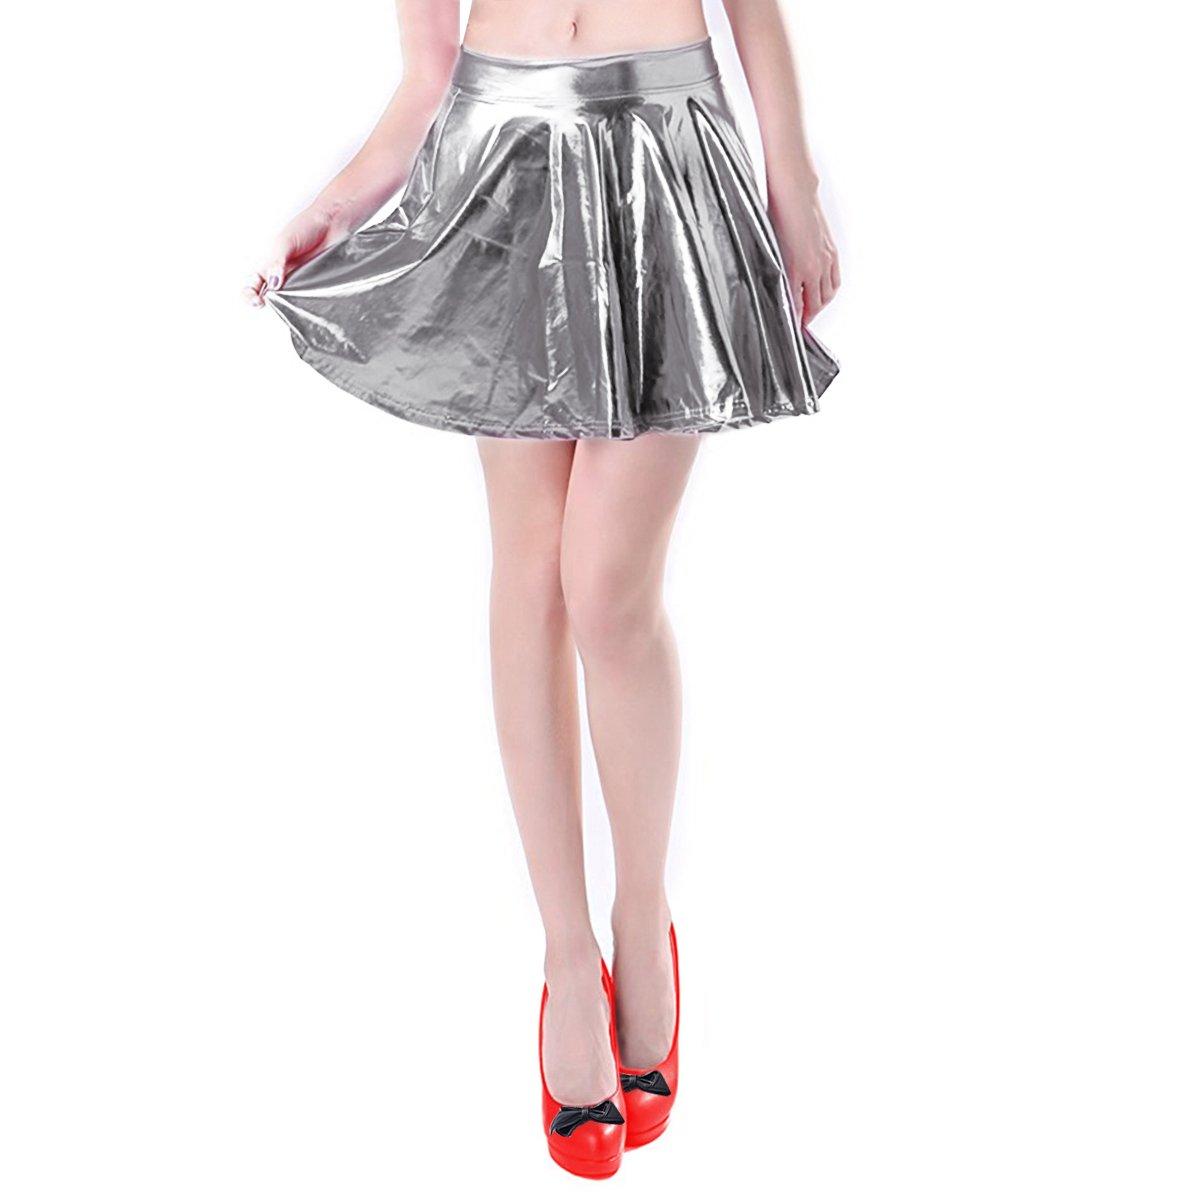 Women's Pleated Skirt Short Shiny Liquid Metallic Flared Skater Skirt Silverm, S